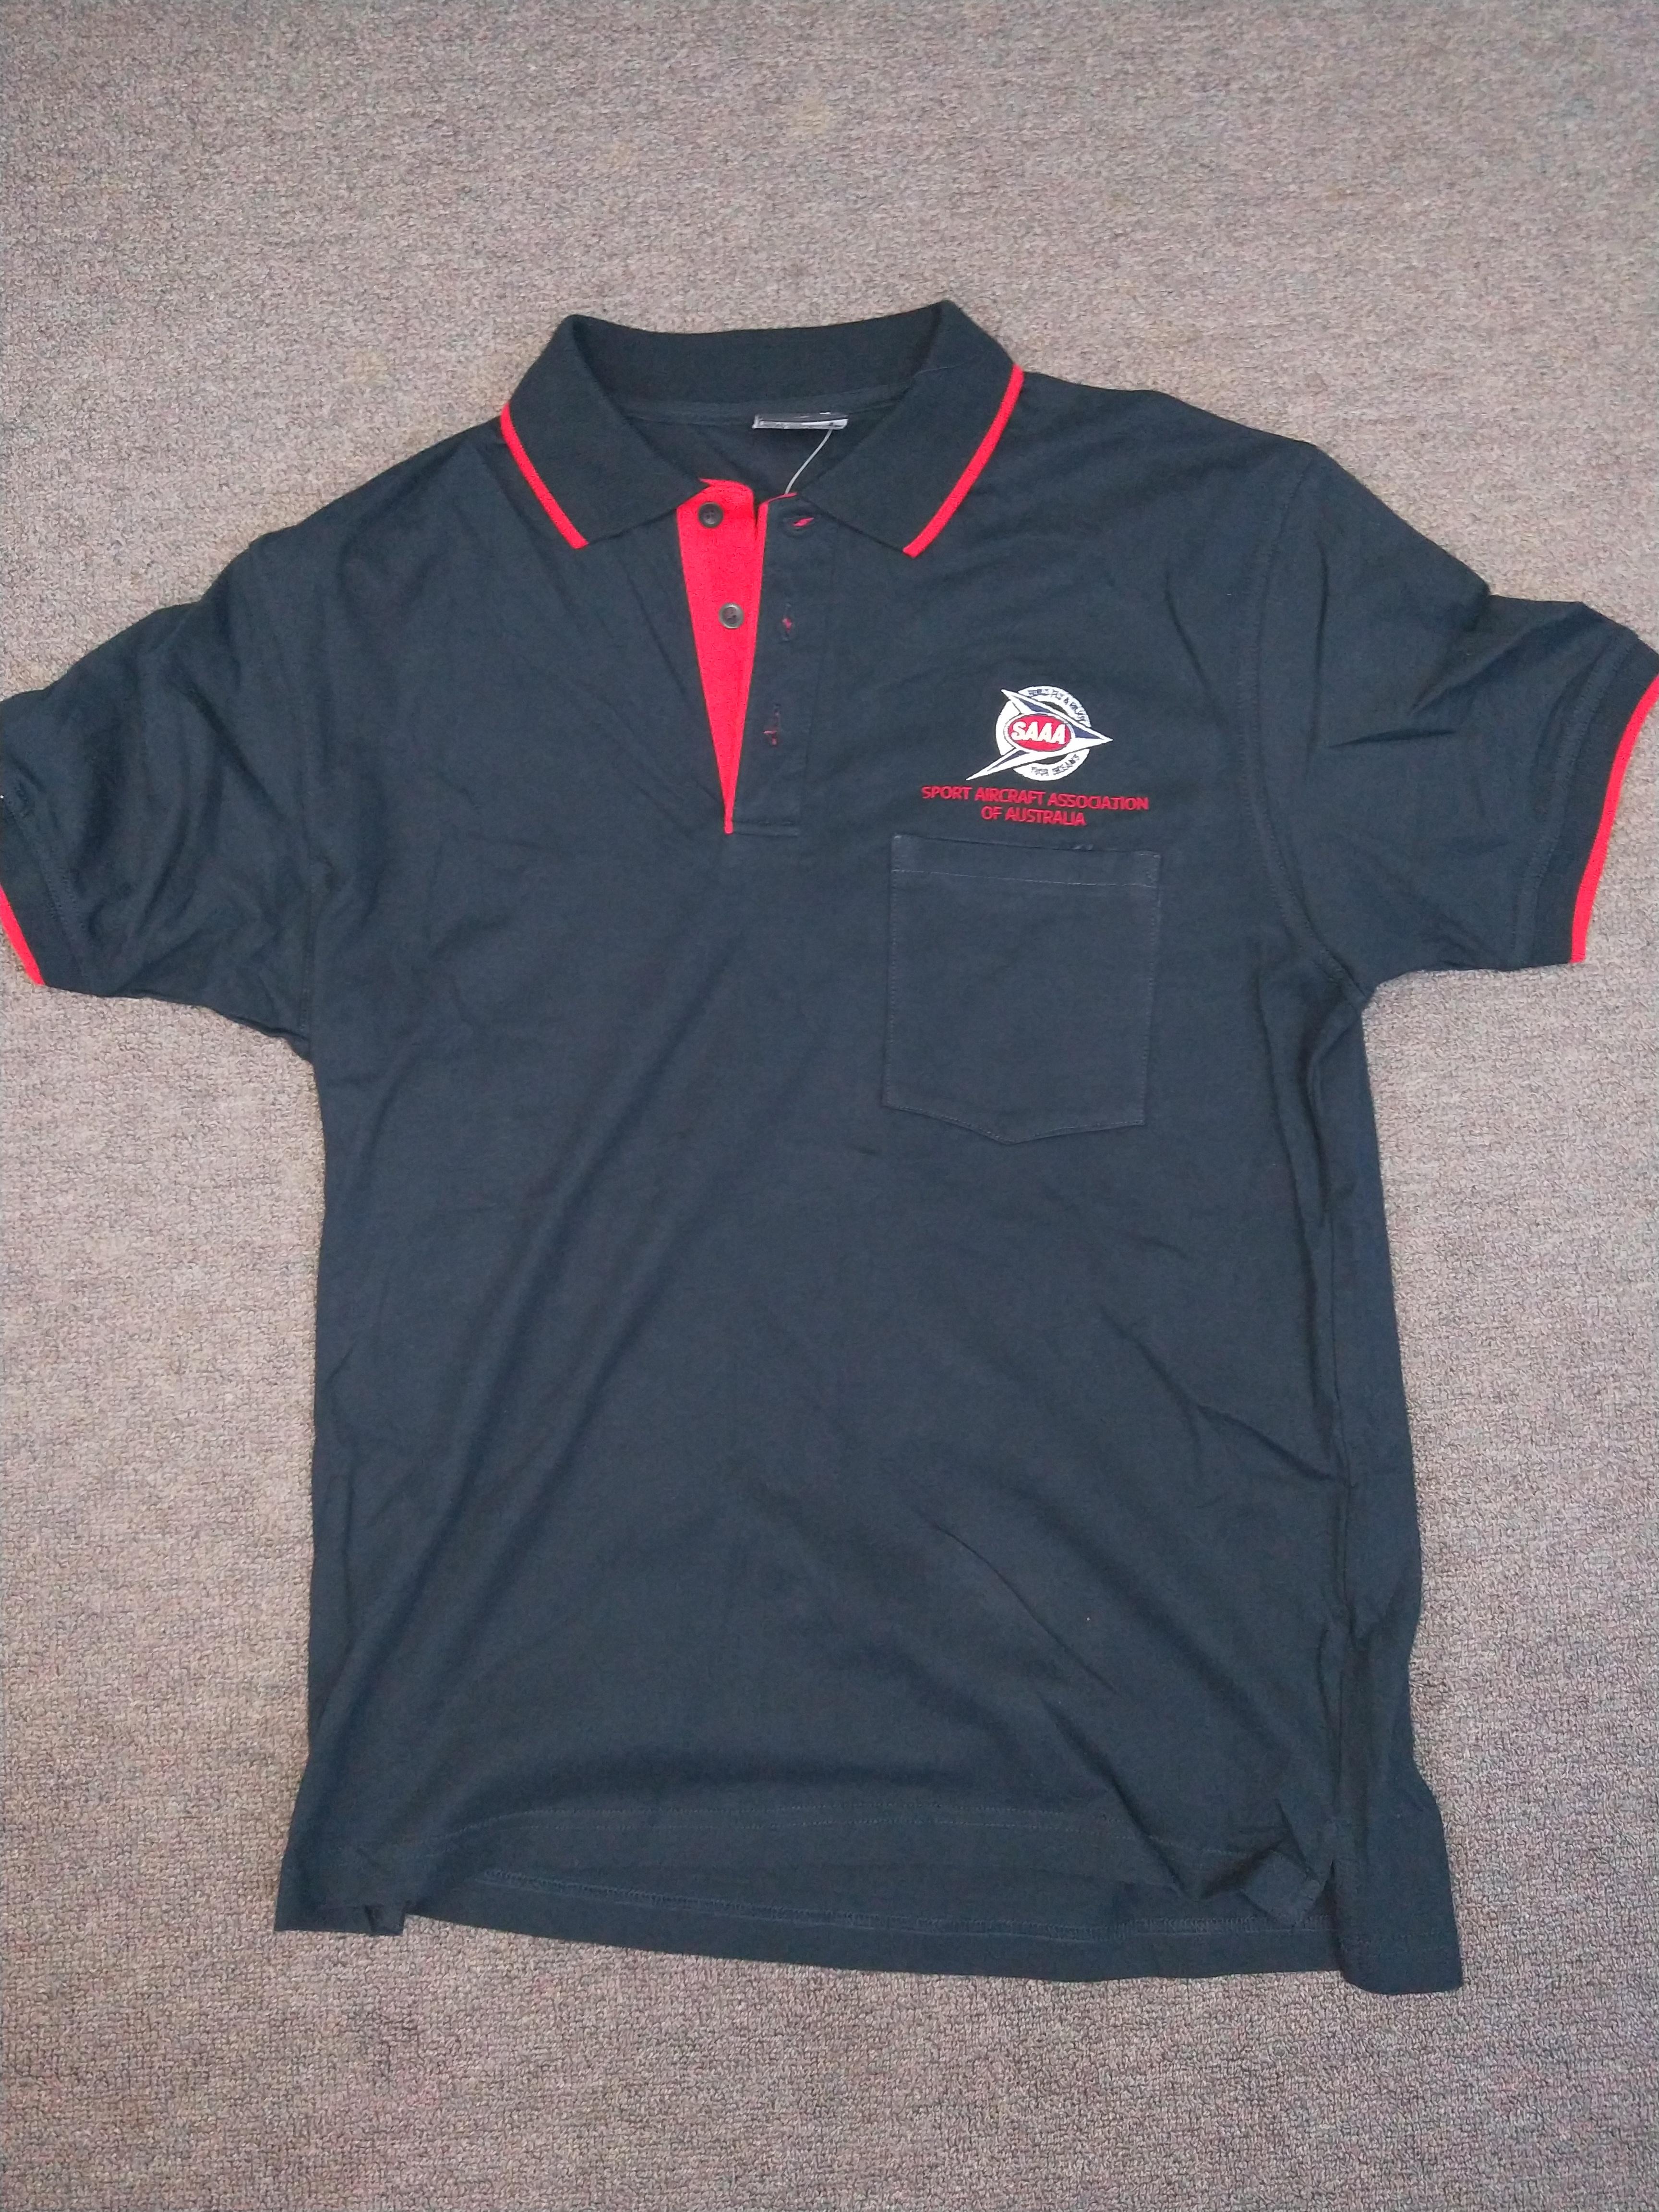 Sport Shirts Australia - Cotswold Hire c6d53140c